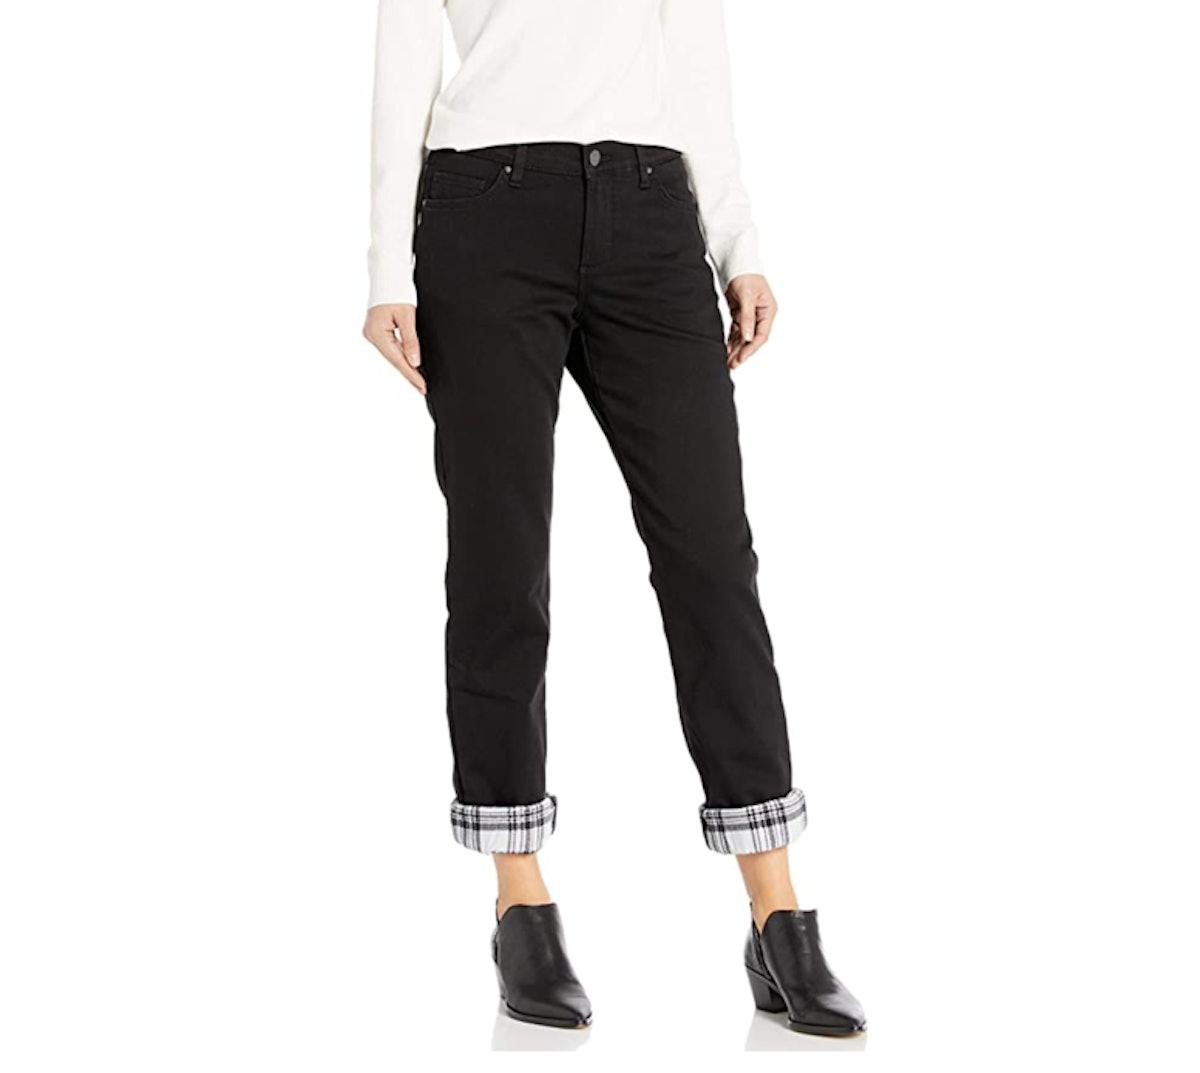 Lee Fleece-Lined Jeans